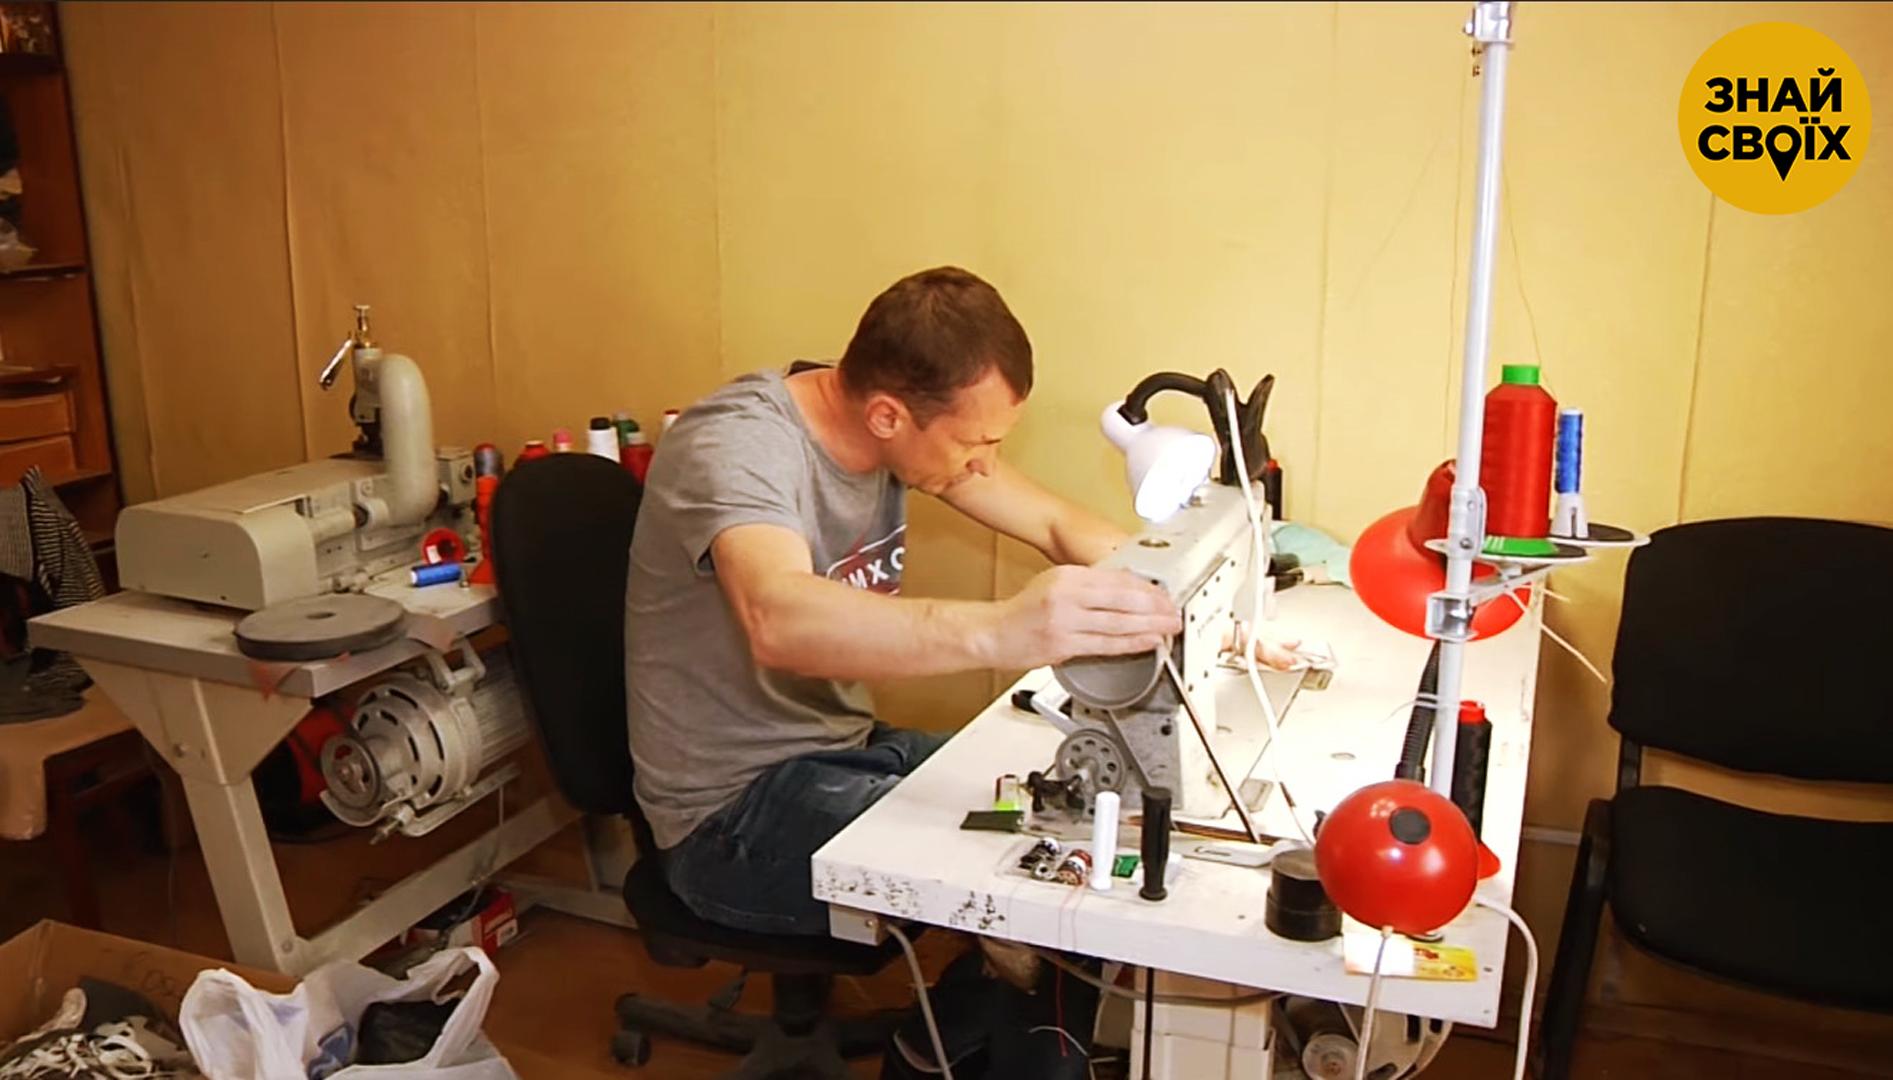 """Украинцы создают каталог местных предпринимателей """"Знай своих"""""""